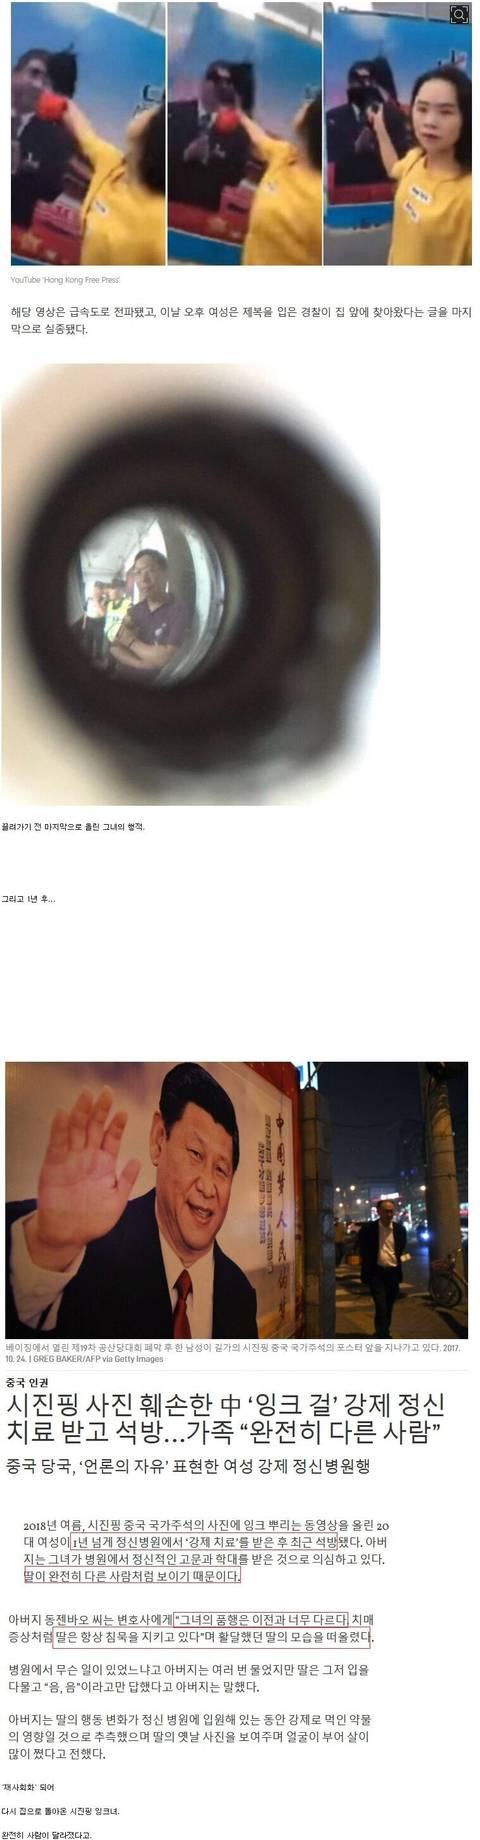 시진핑 사진에 먹물뿌린 여자 근황 | 인스티즈